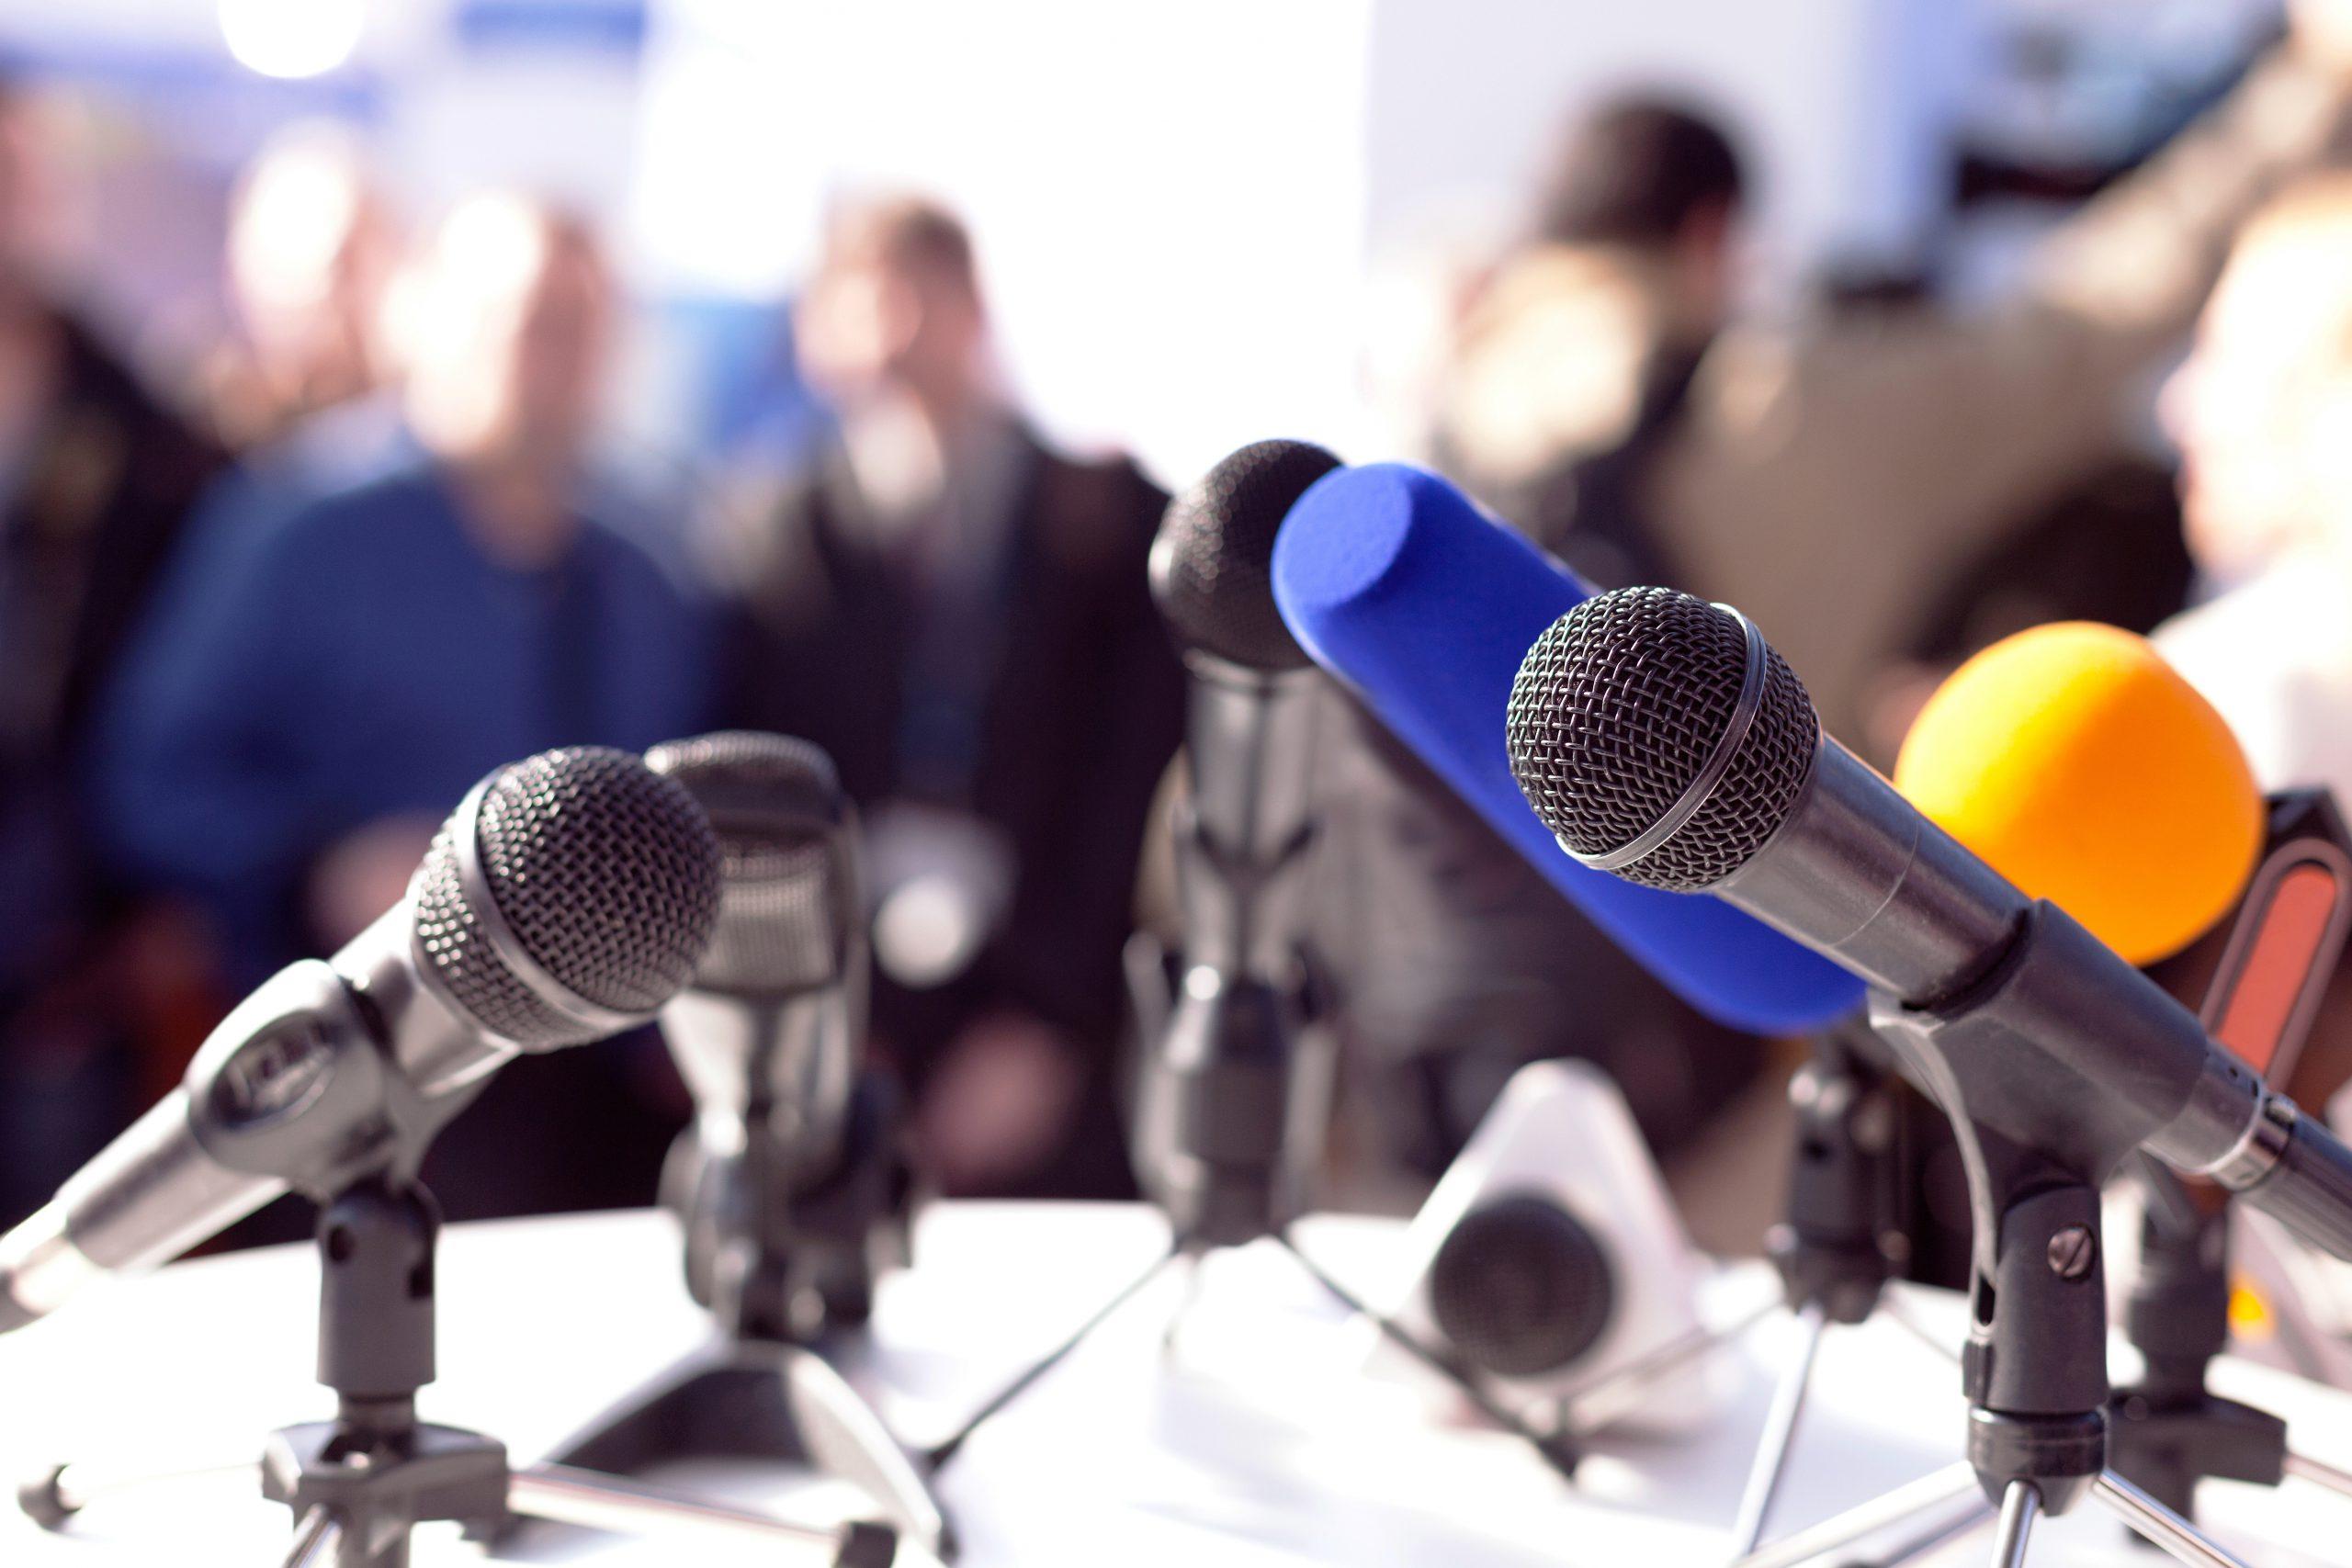 Diverse microfoons die klaarstaan voor een persconferentie. Op de achtergrond zijn mensen te zien die de persconferentie willen bijwonen.